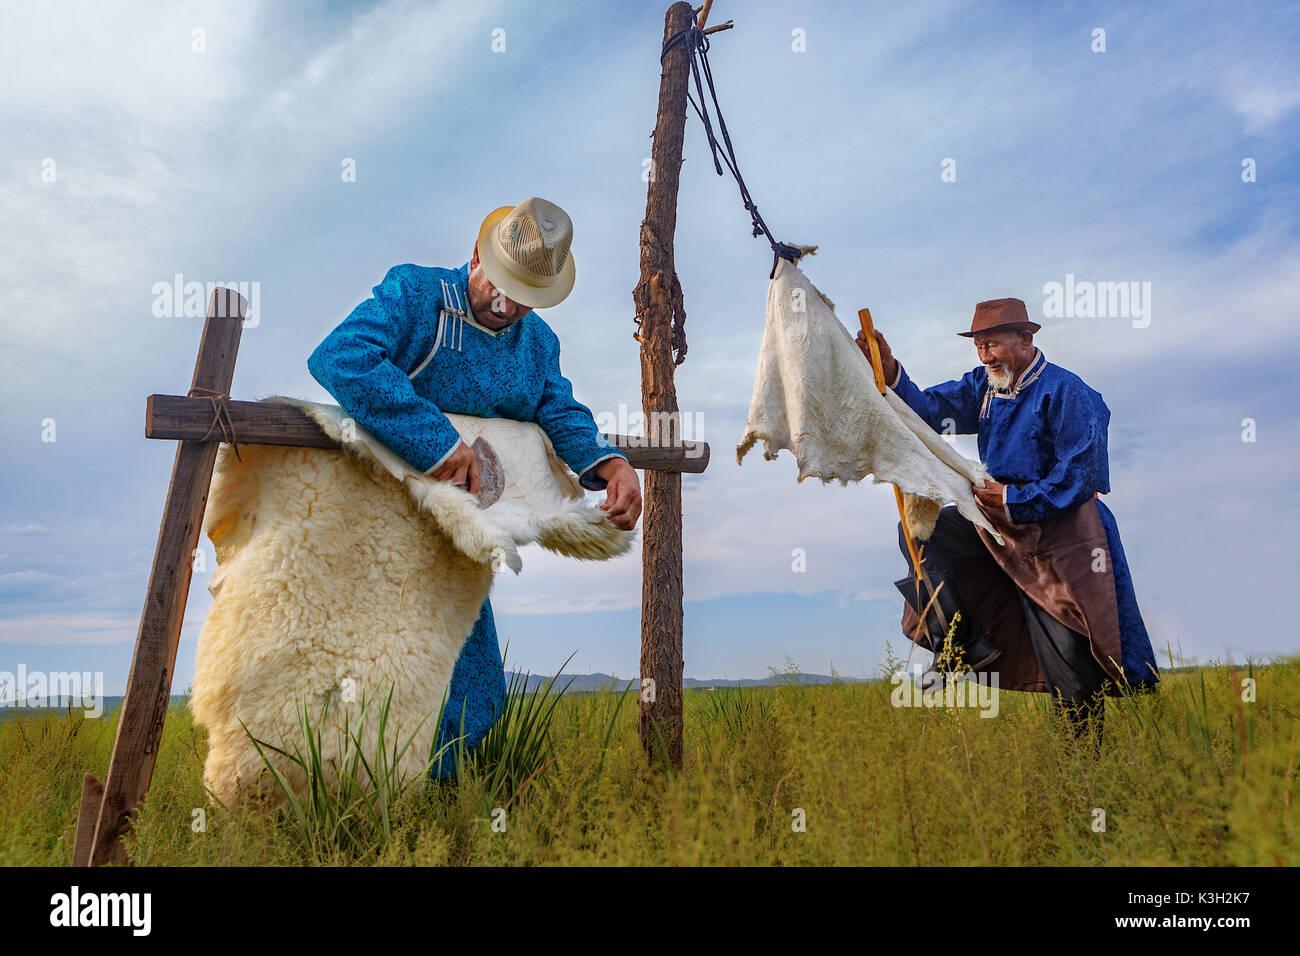 En Mongolie intérieure, Chine - 26 juillet, 2017: vieux vêtements traditionnels hommes mongol le processus de fourrure mouton dans une façon traditionnelle pour plus de travail en cuir. Photo Stock